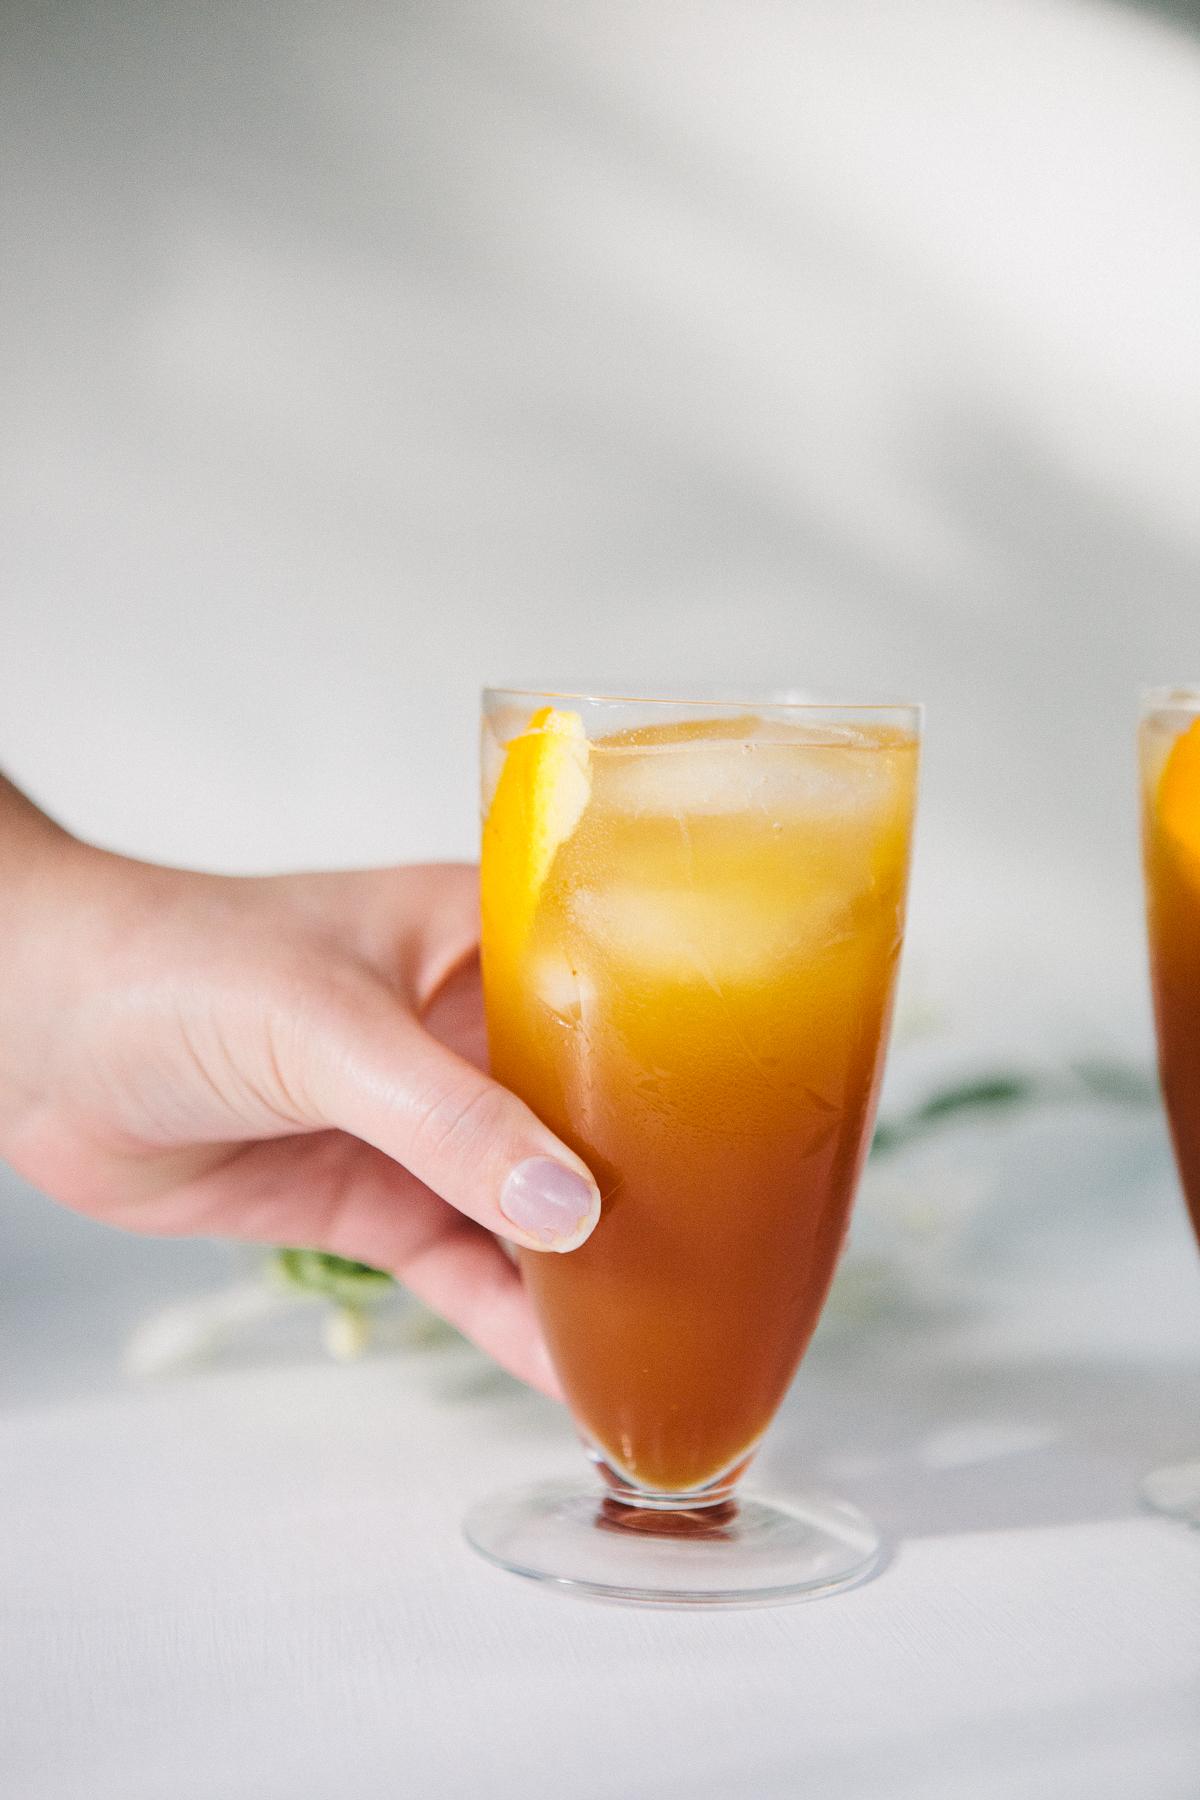 Fresh Fall Drink - Spicy, orangey, spritzy &alcohol free